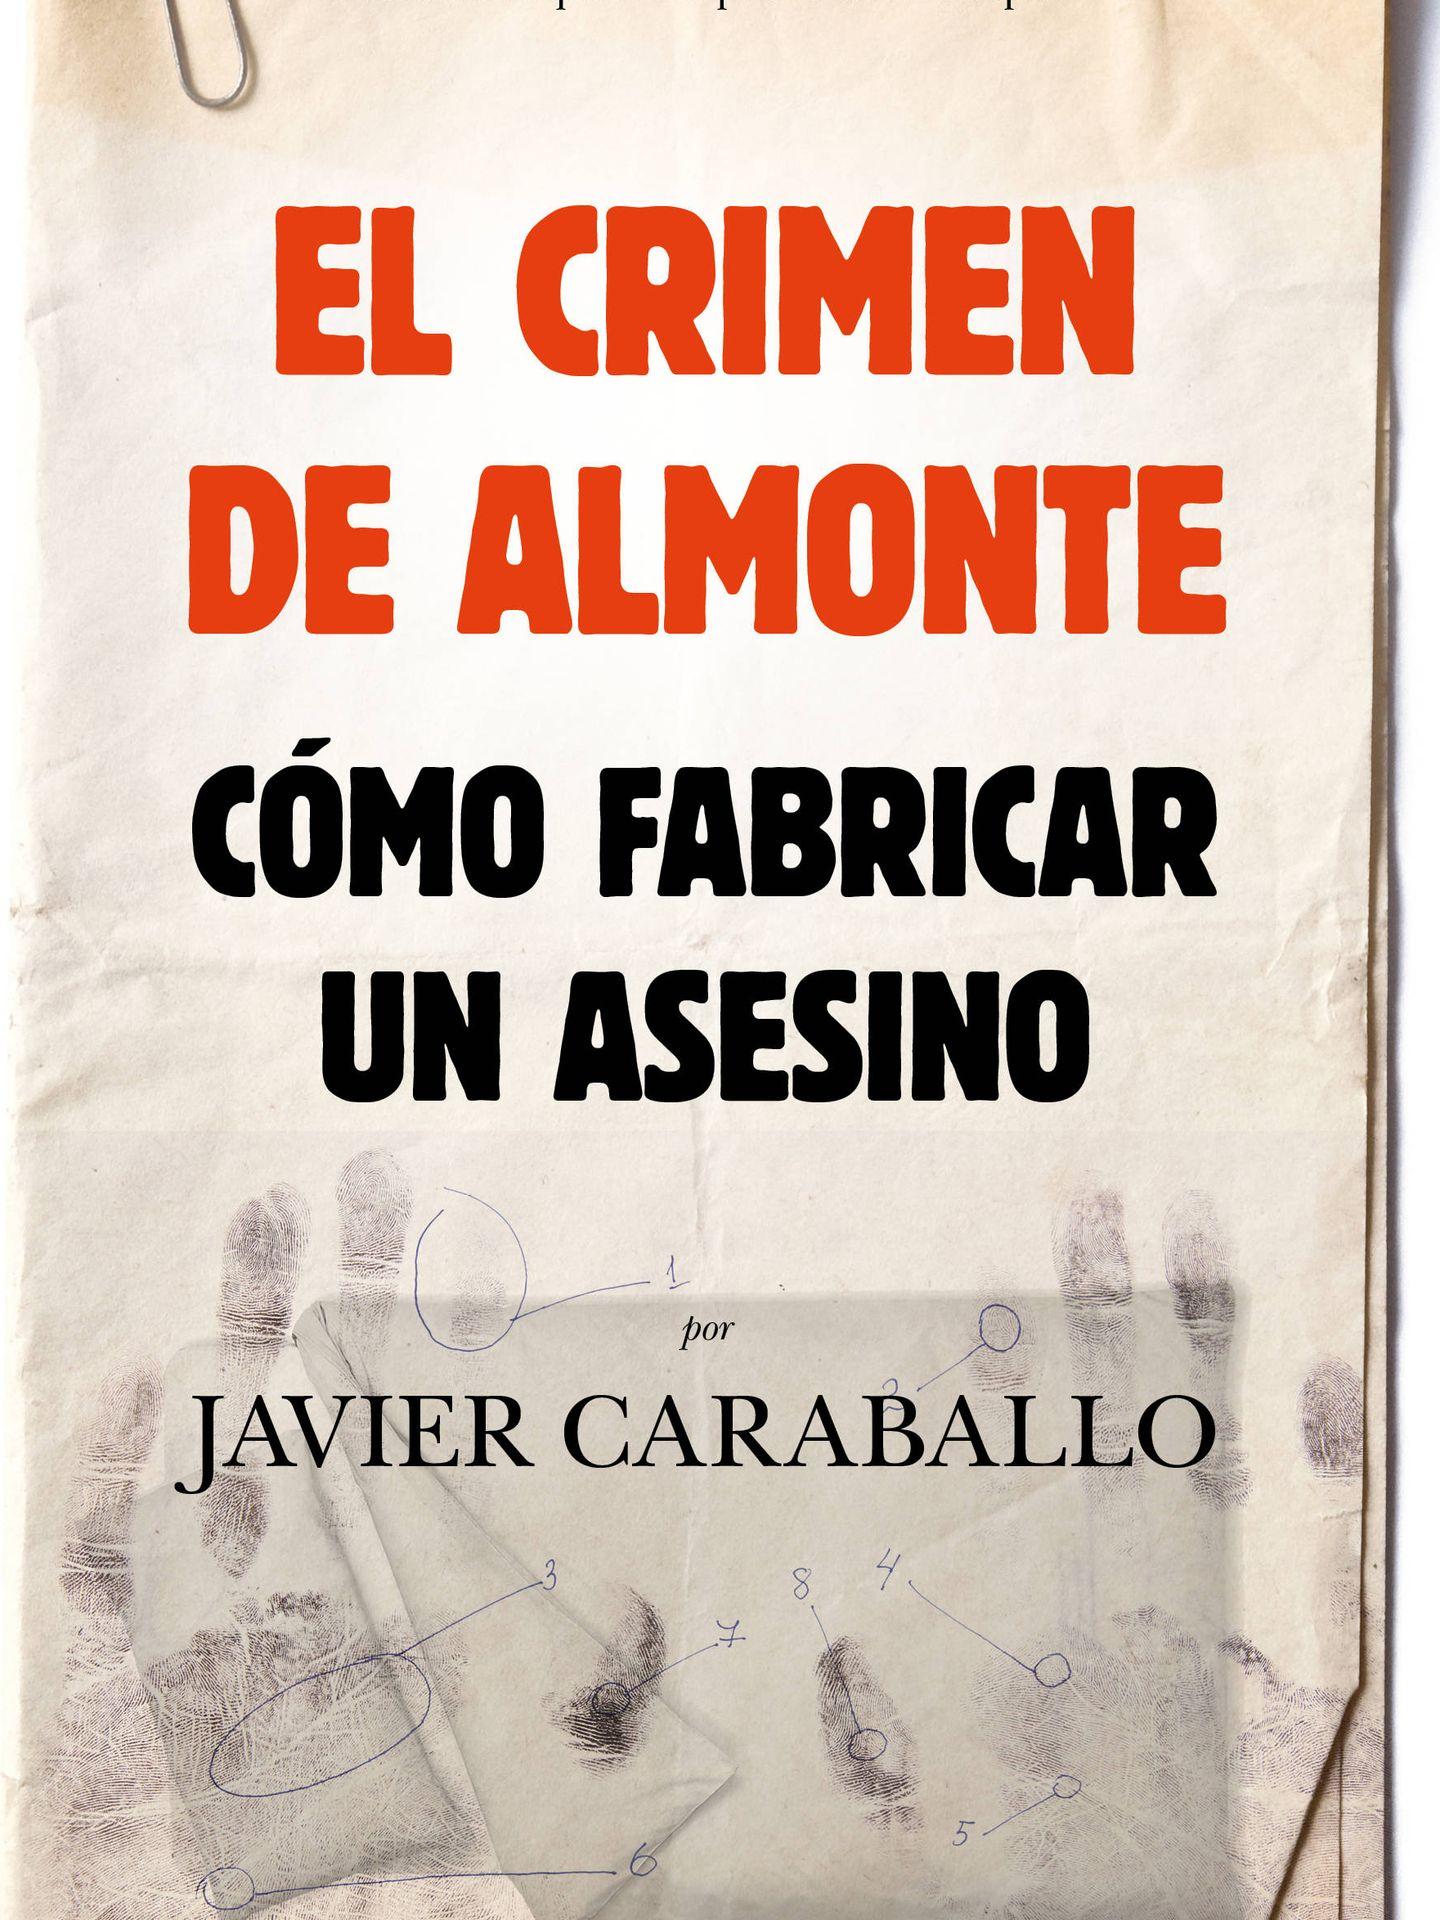 Portada de la obra 'El crimen de Almonte. Cómo fabricar un asesino'